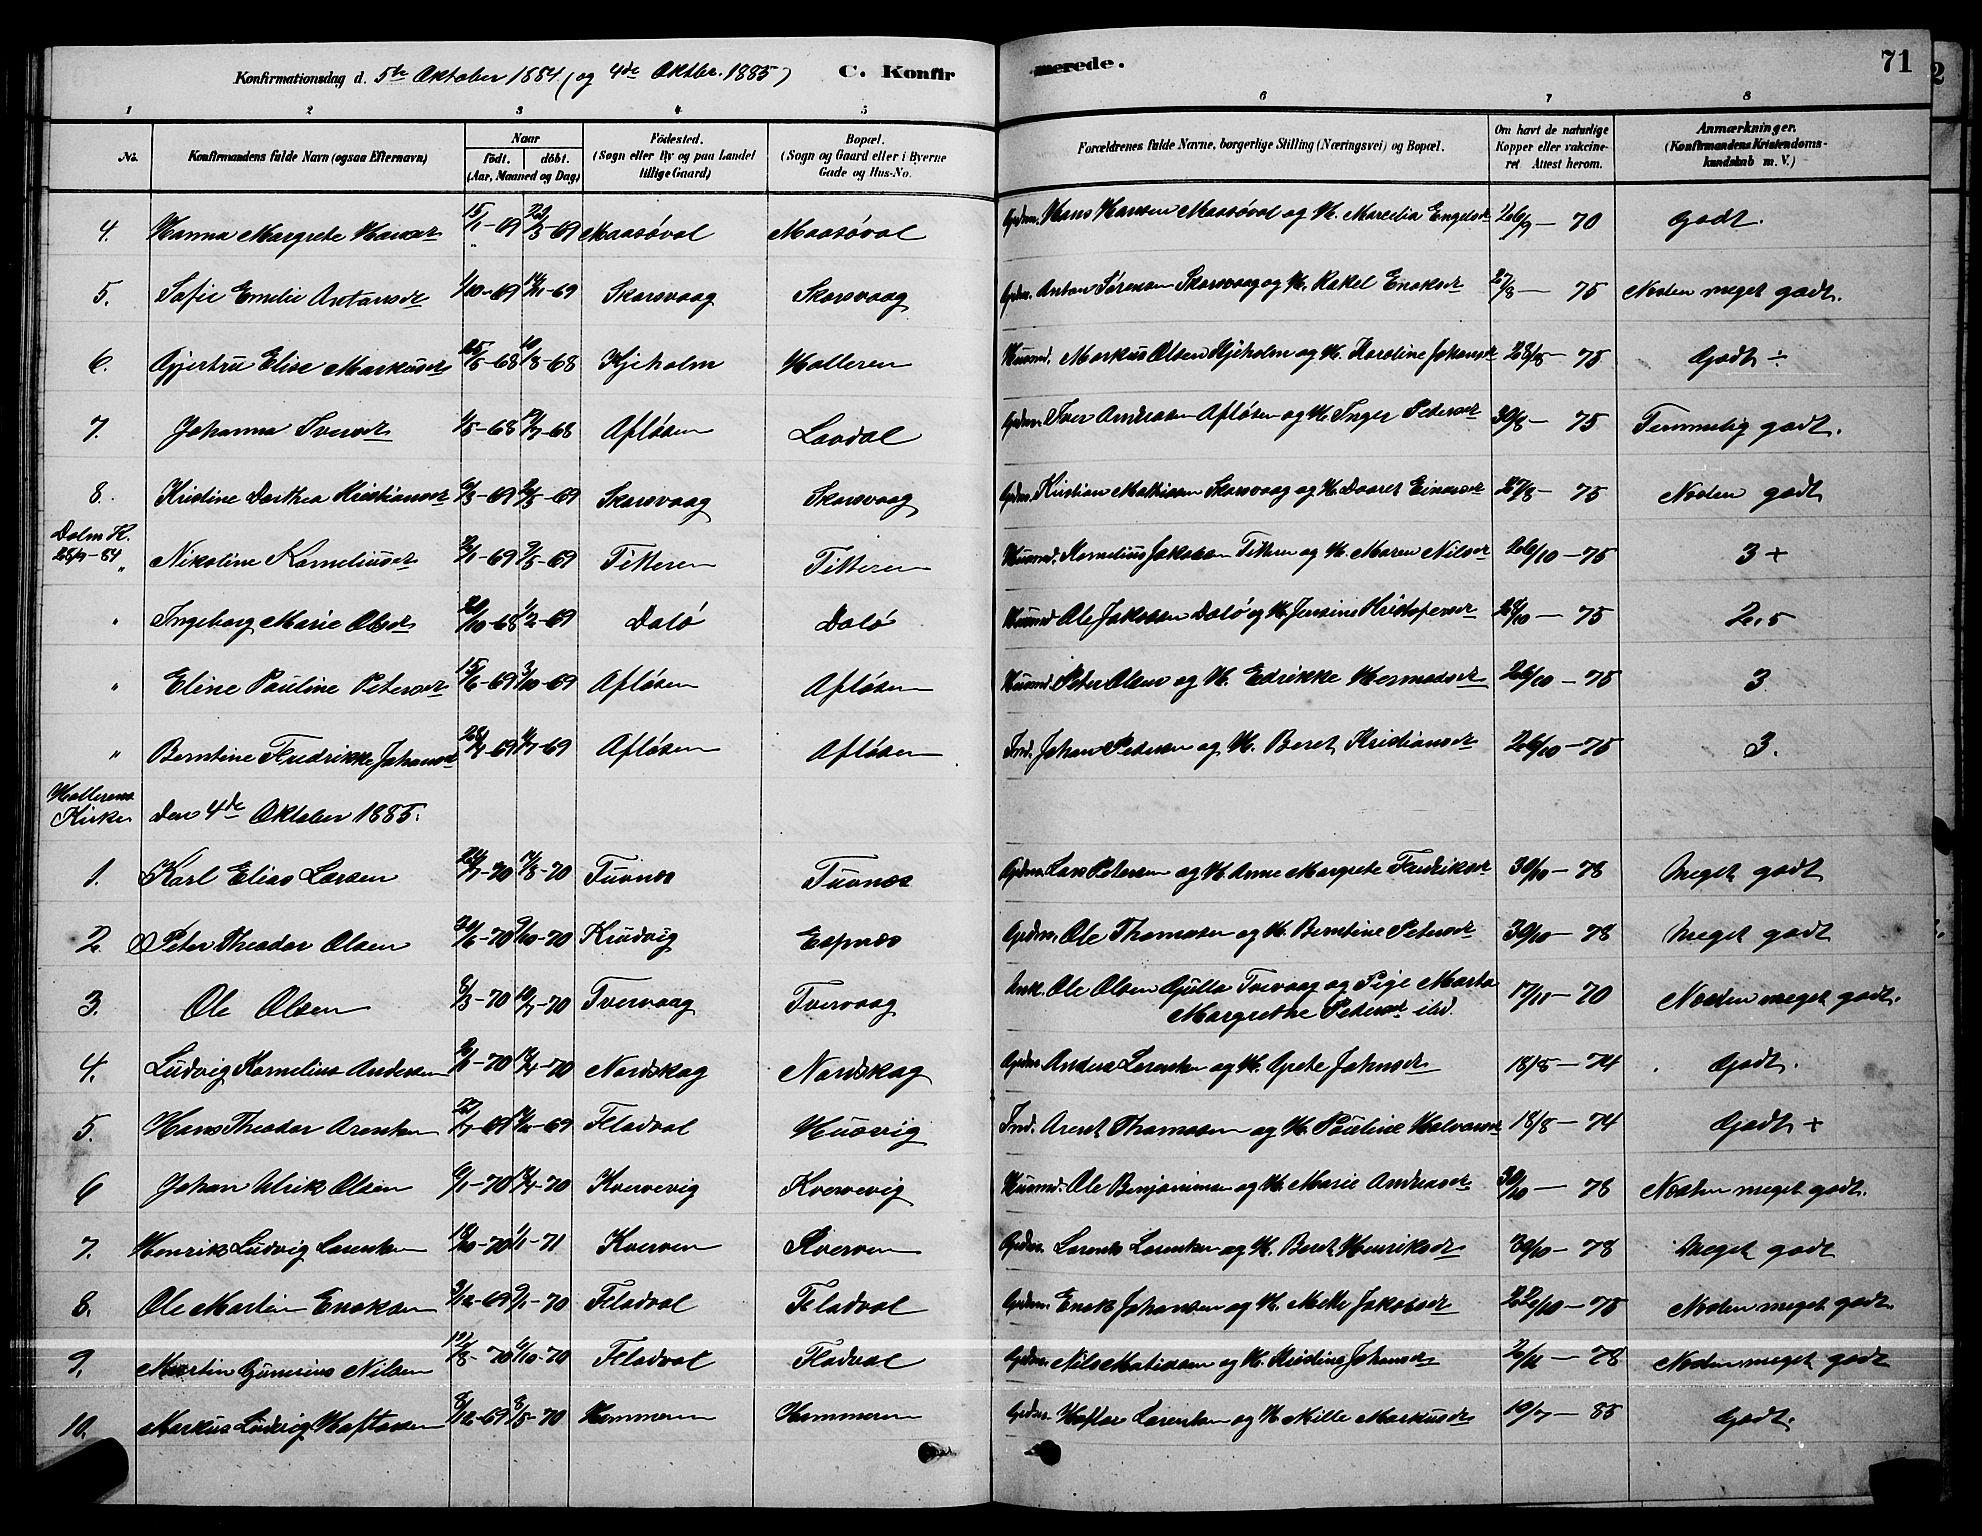 SAT, Ministerialprotokoller, klokkerbøker og fødselsregistre - Sør-Trøndelag, 641/L0597: Klokkerbok nr. 641C01, 1878-1893, s. 71